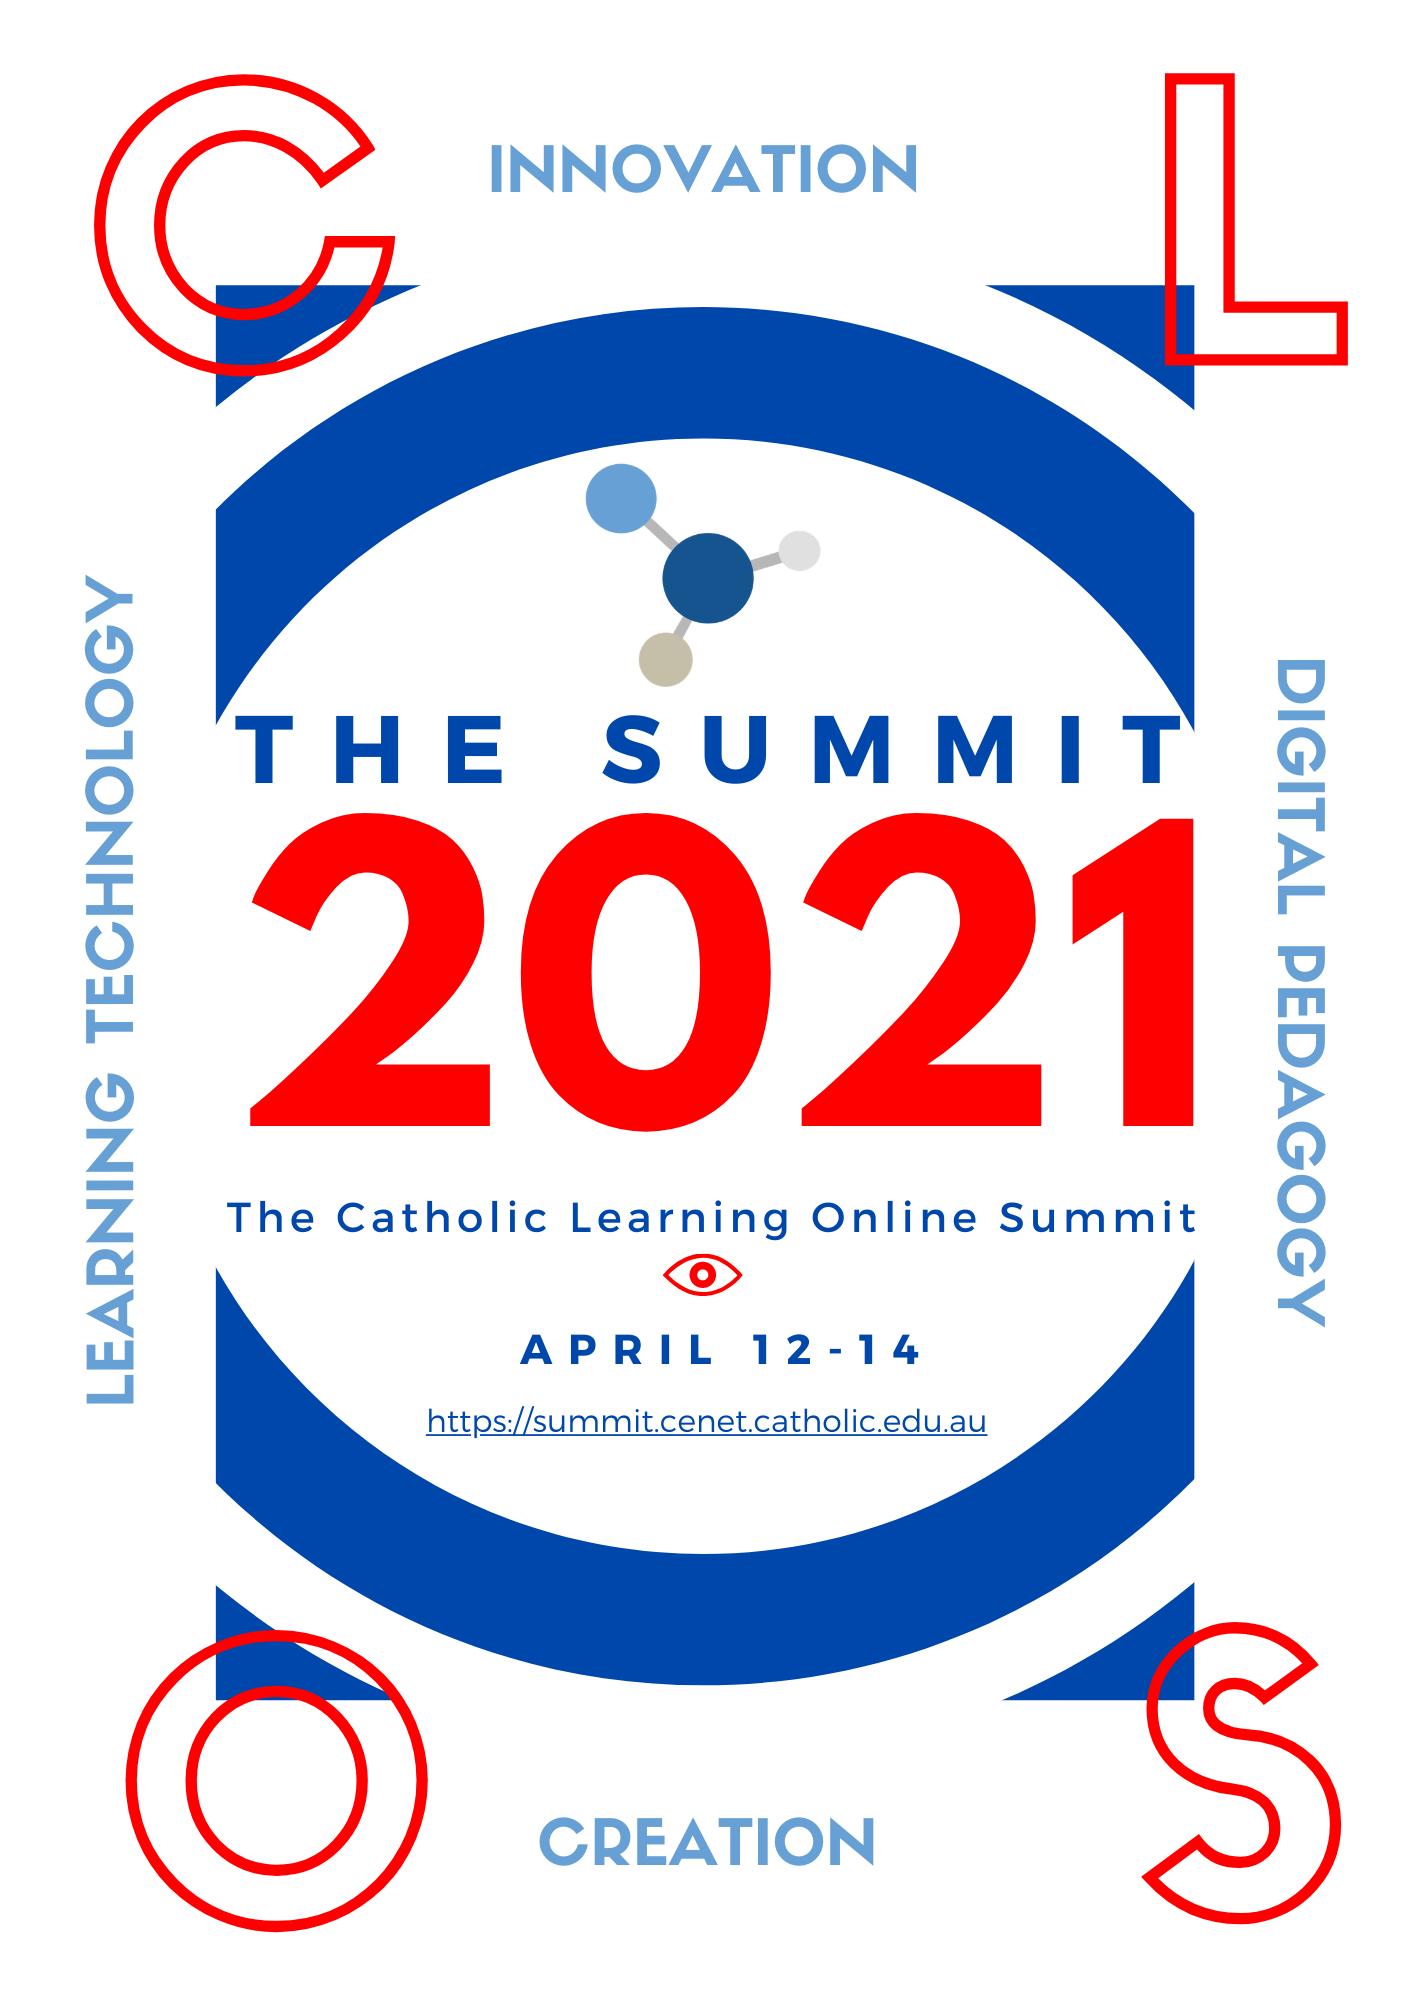 Catholic Learning Online Summit 2021 graphic